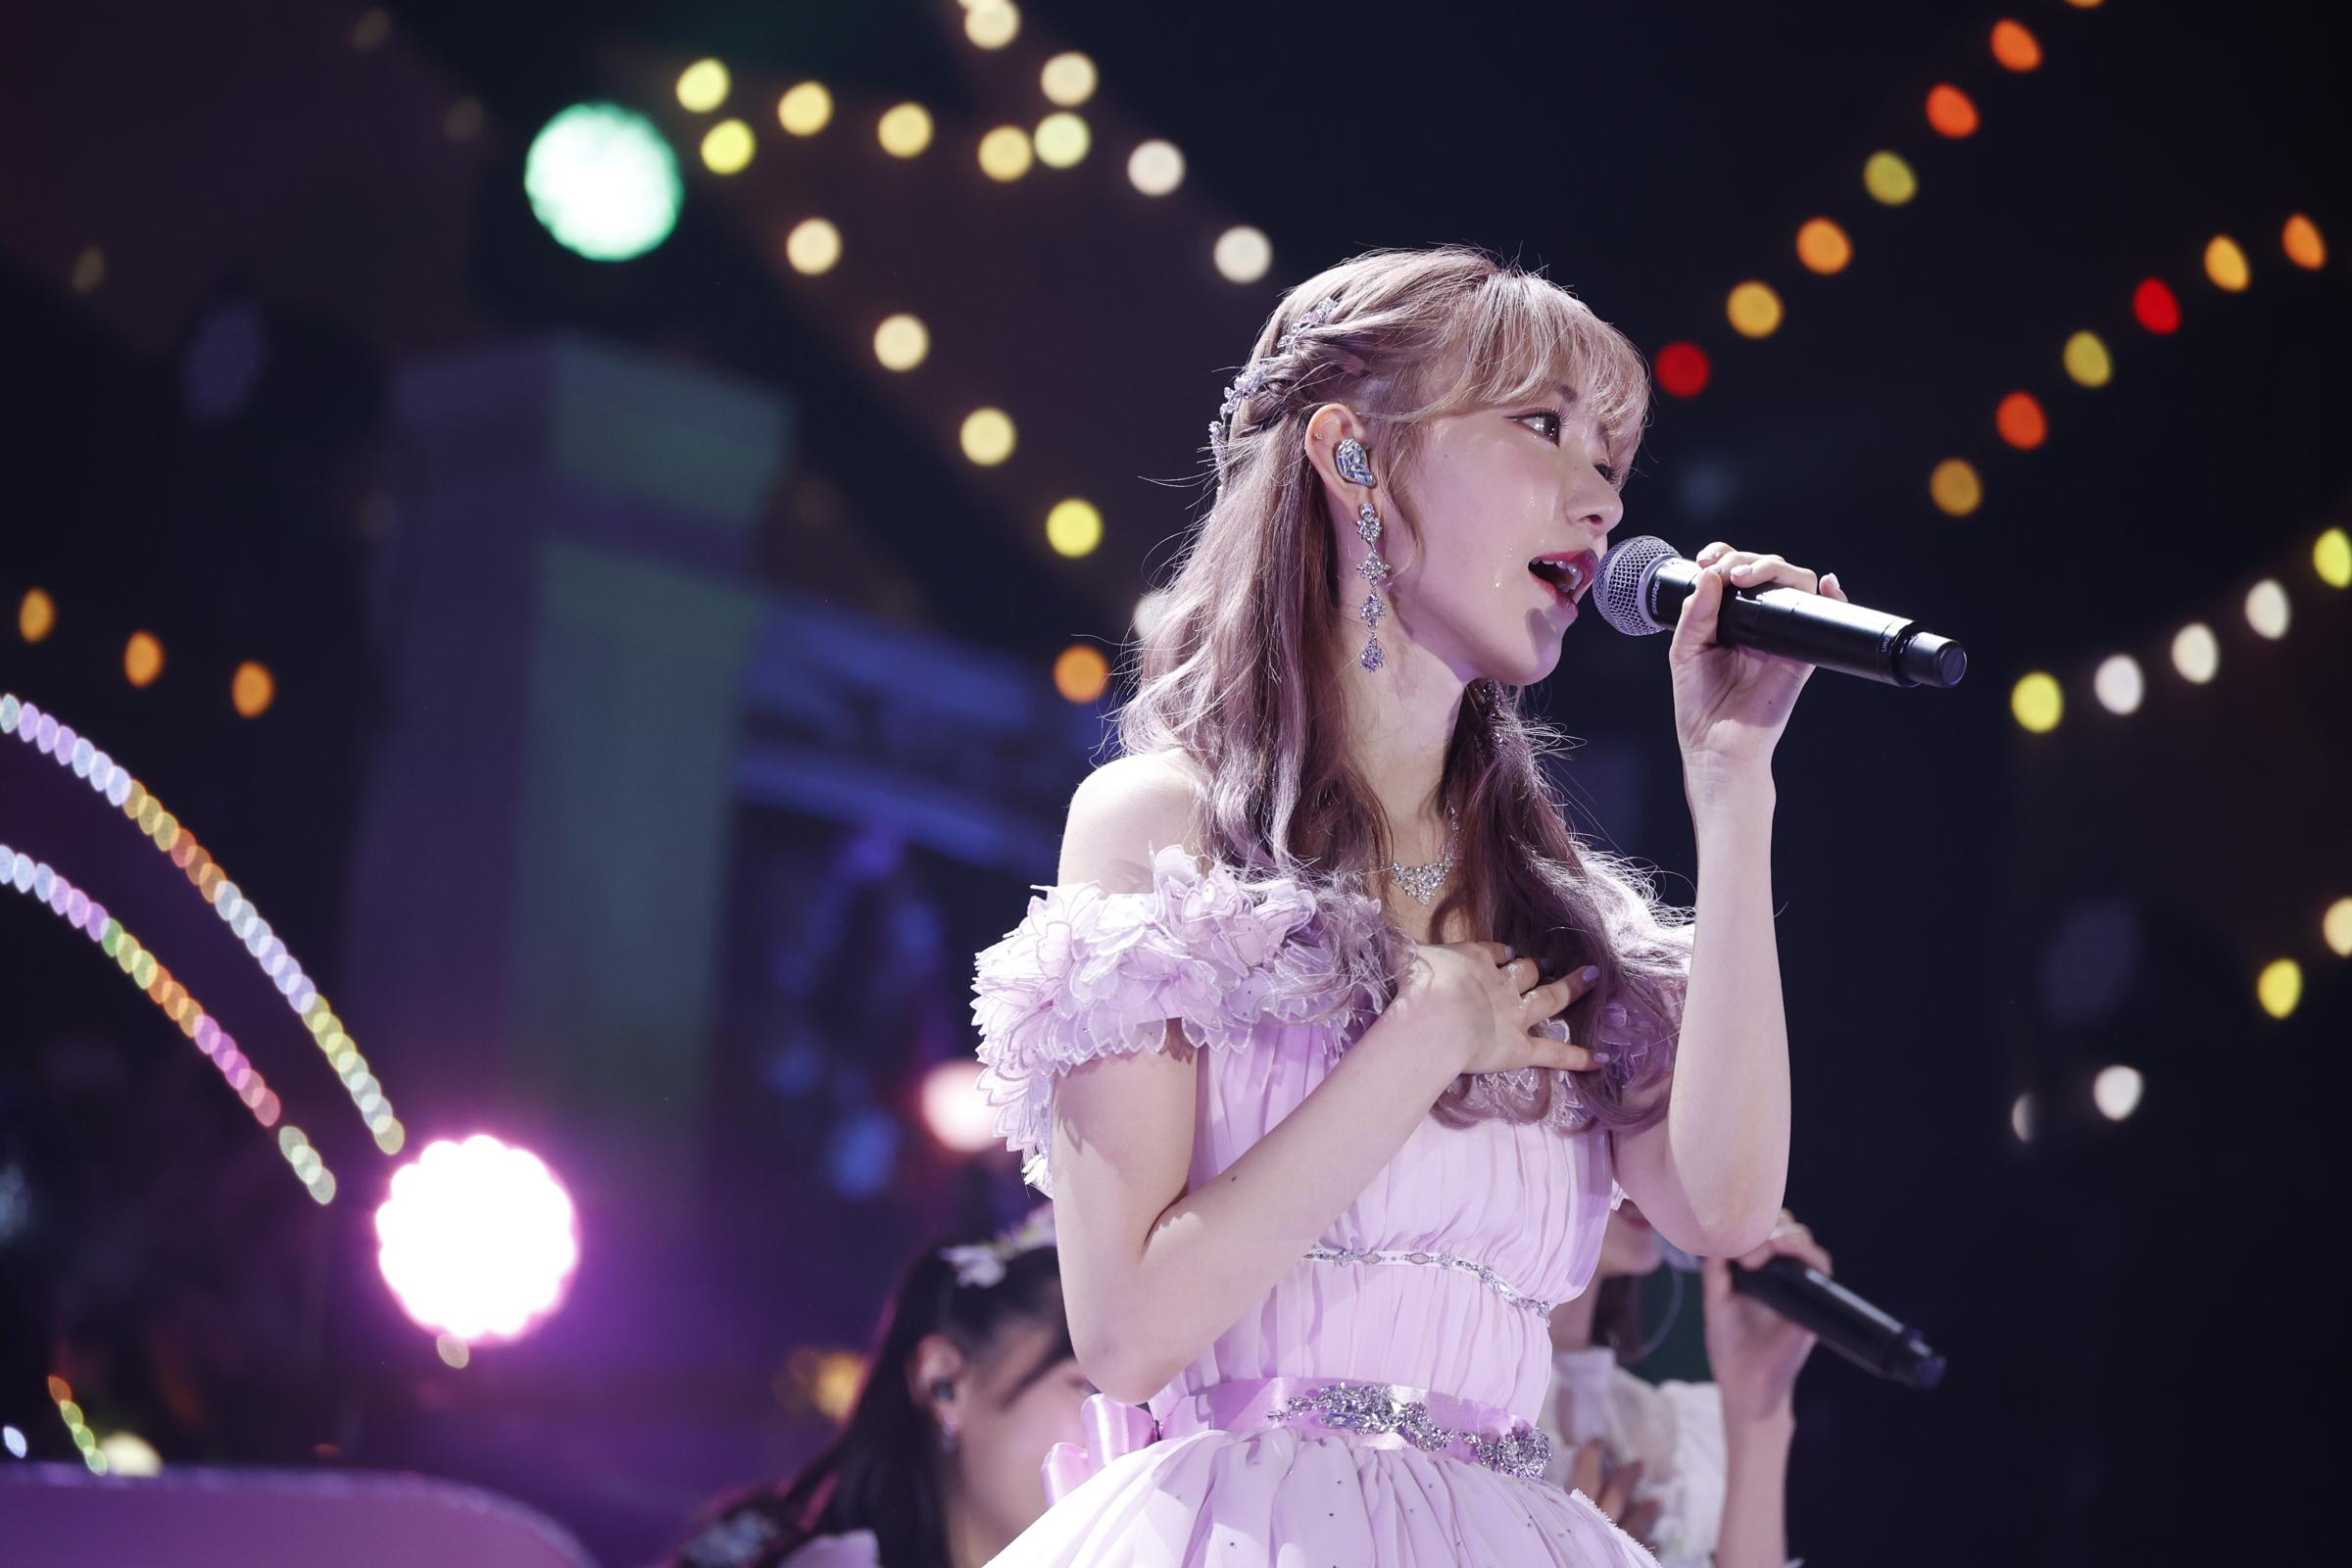 卒業コンサートを開催した宮脇咲良